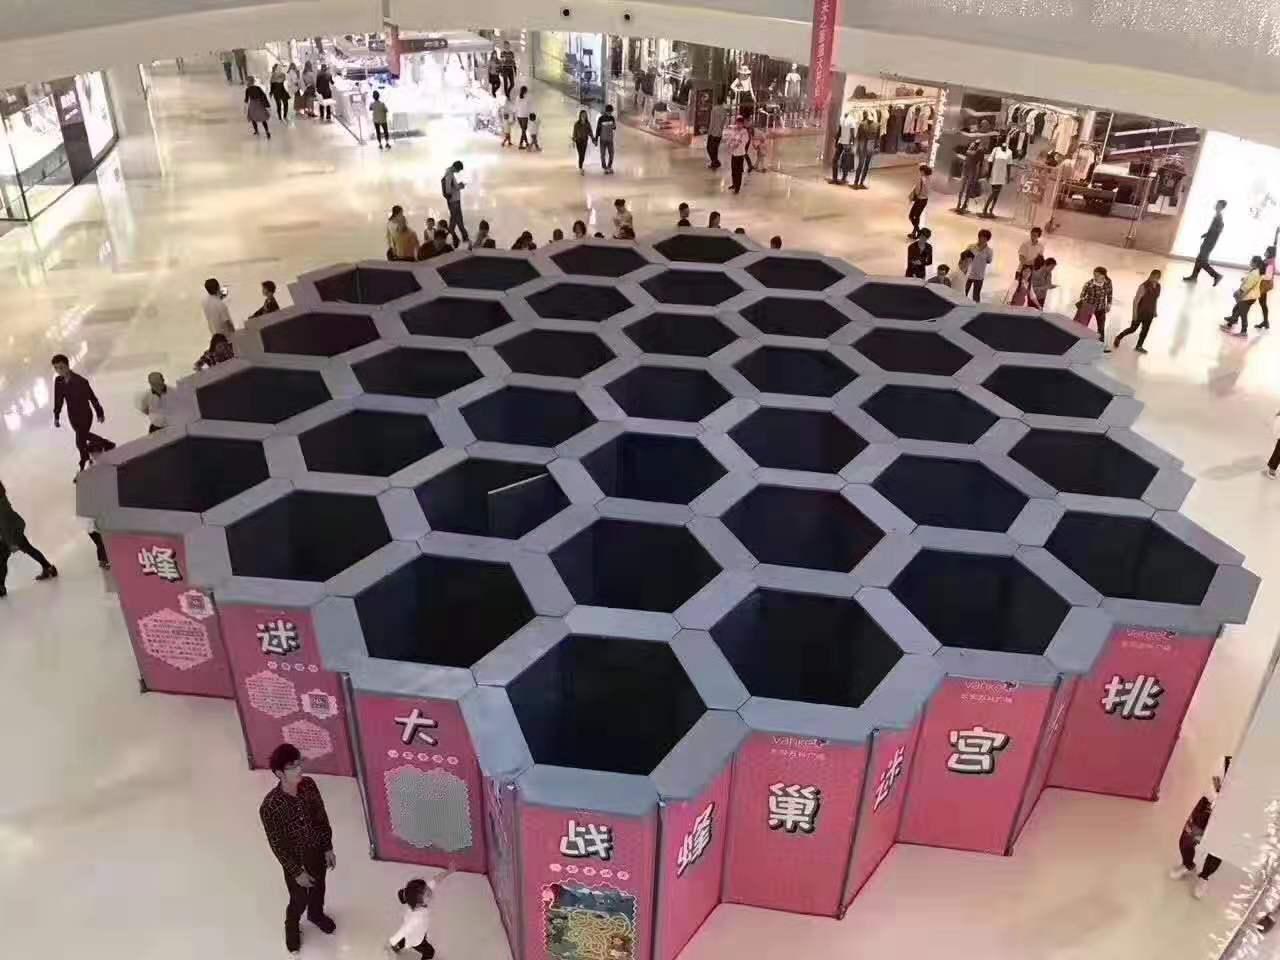 活动展览蜂巢迷宫垂直风洞12米钢骨架球幕影院租赁租售